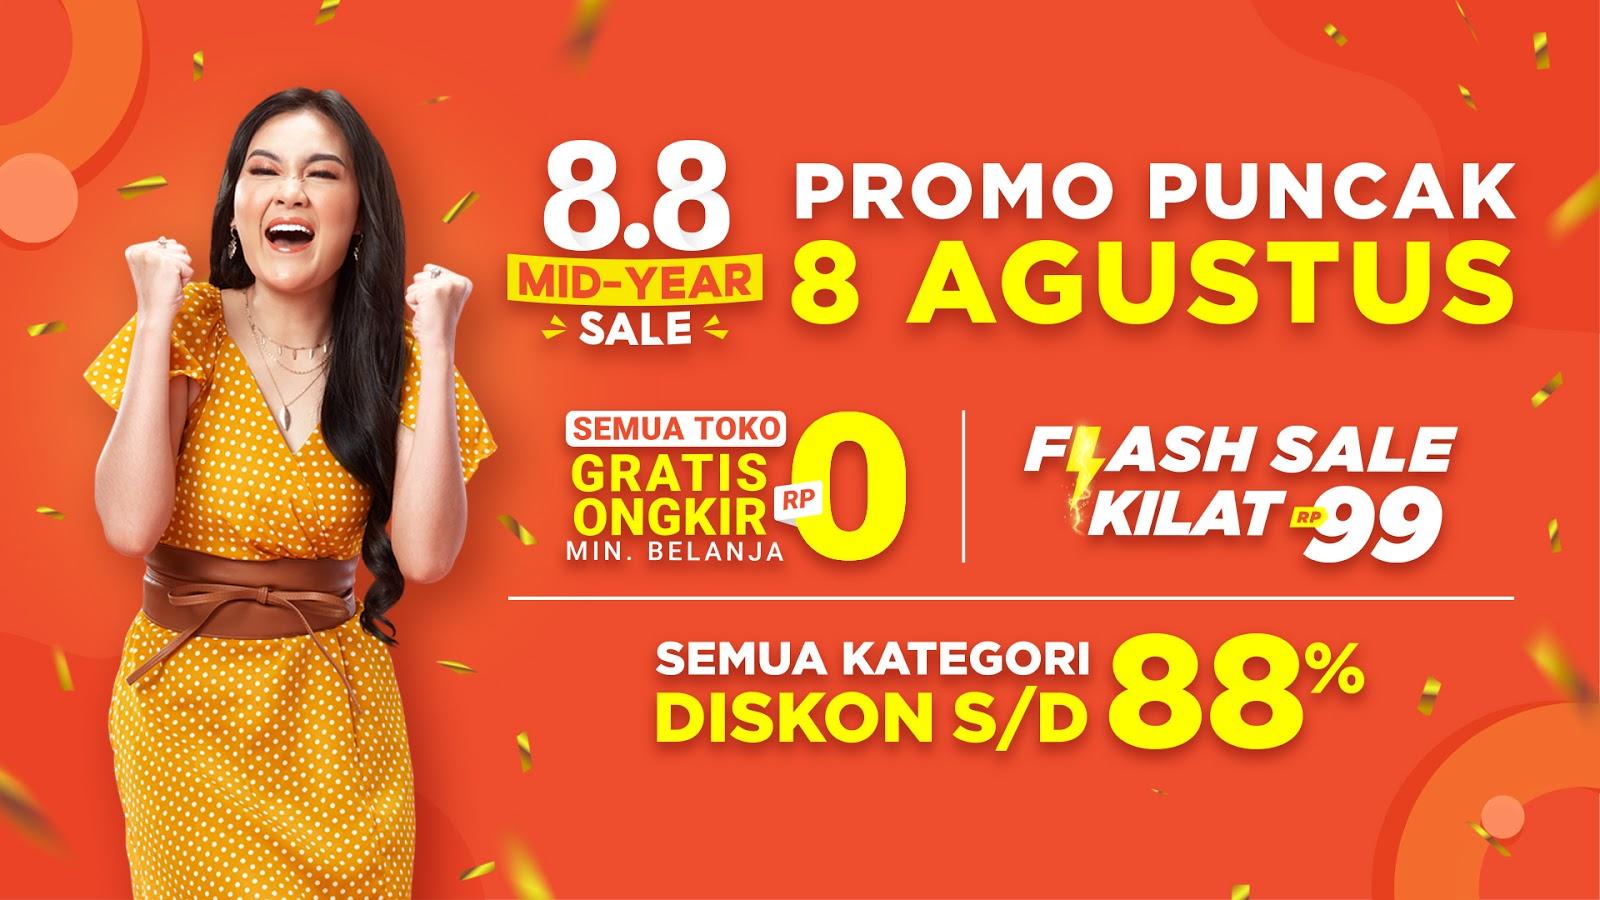 Hari Ini Jangan Lewatkan Penawaran Spesial Promo Puncak Shopee 8 8 Mid Year Sale Inspirasi Shopee